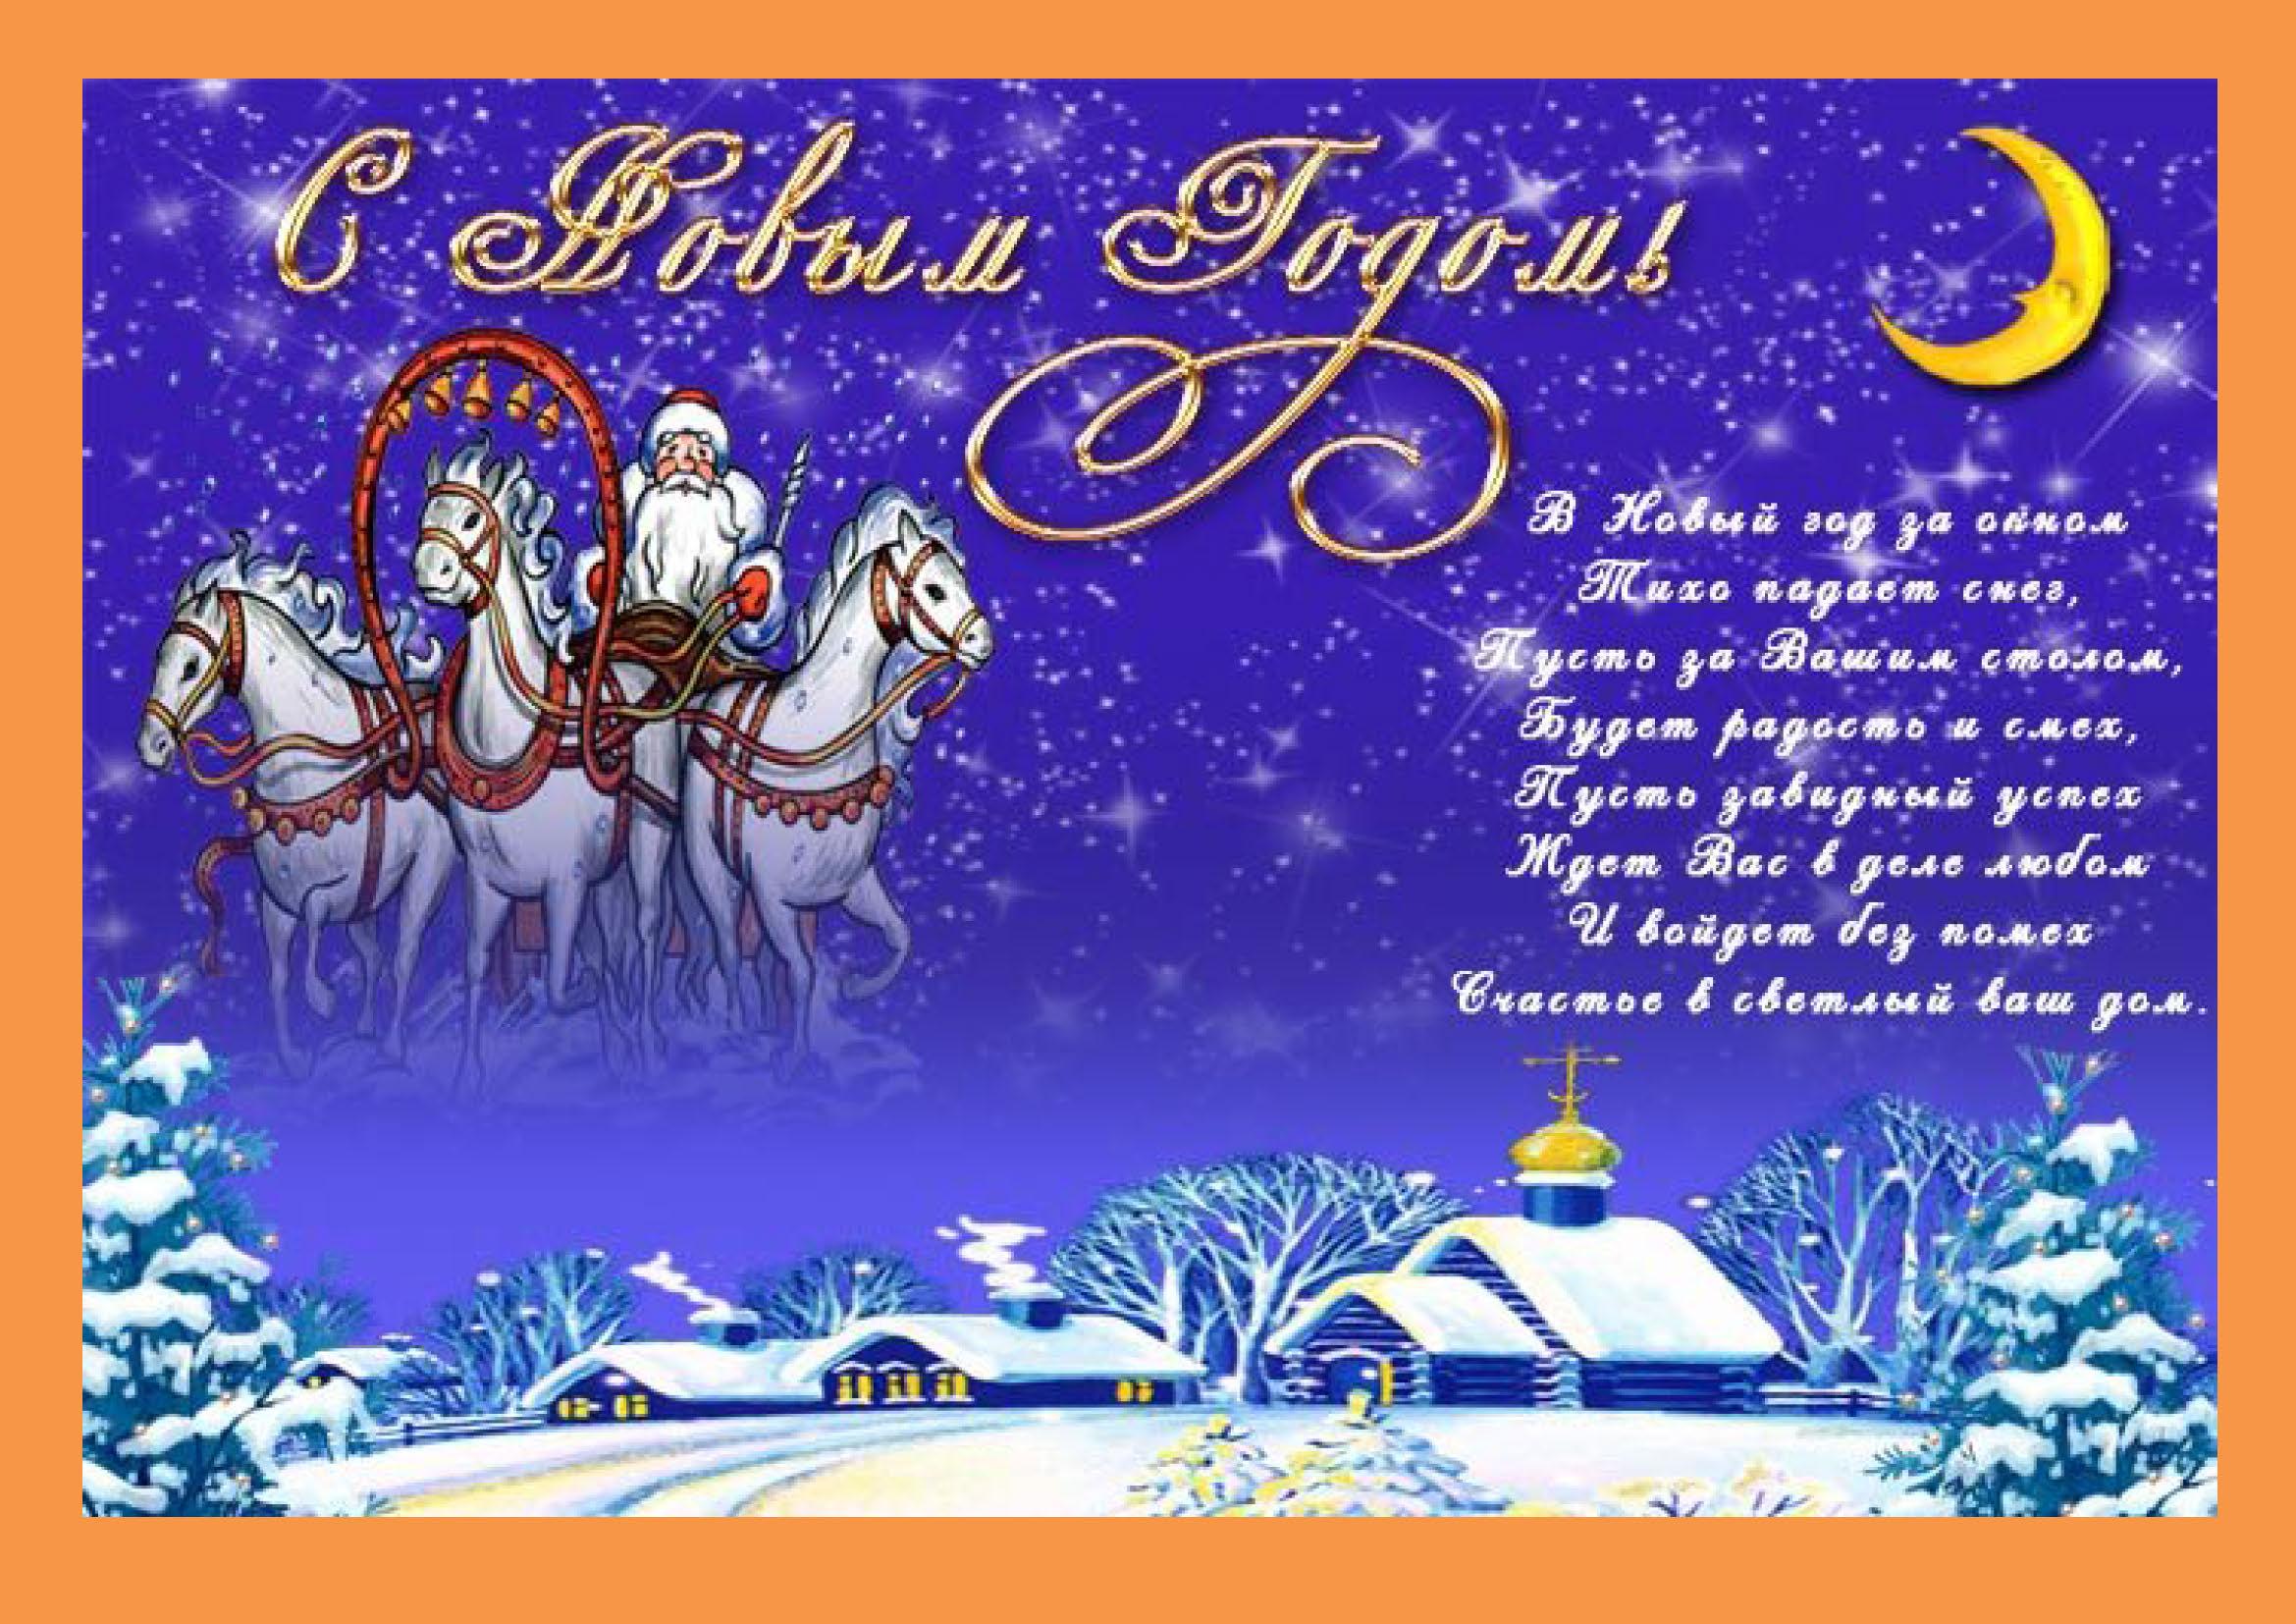 сроки сайт поздравления с новым годом вайбер фазан, перелетная